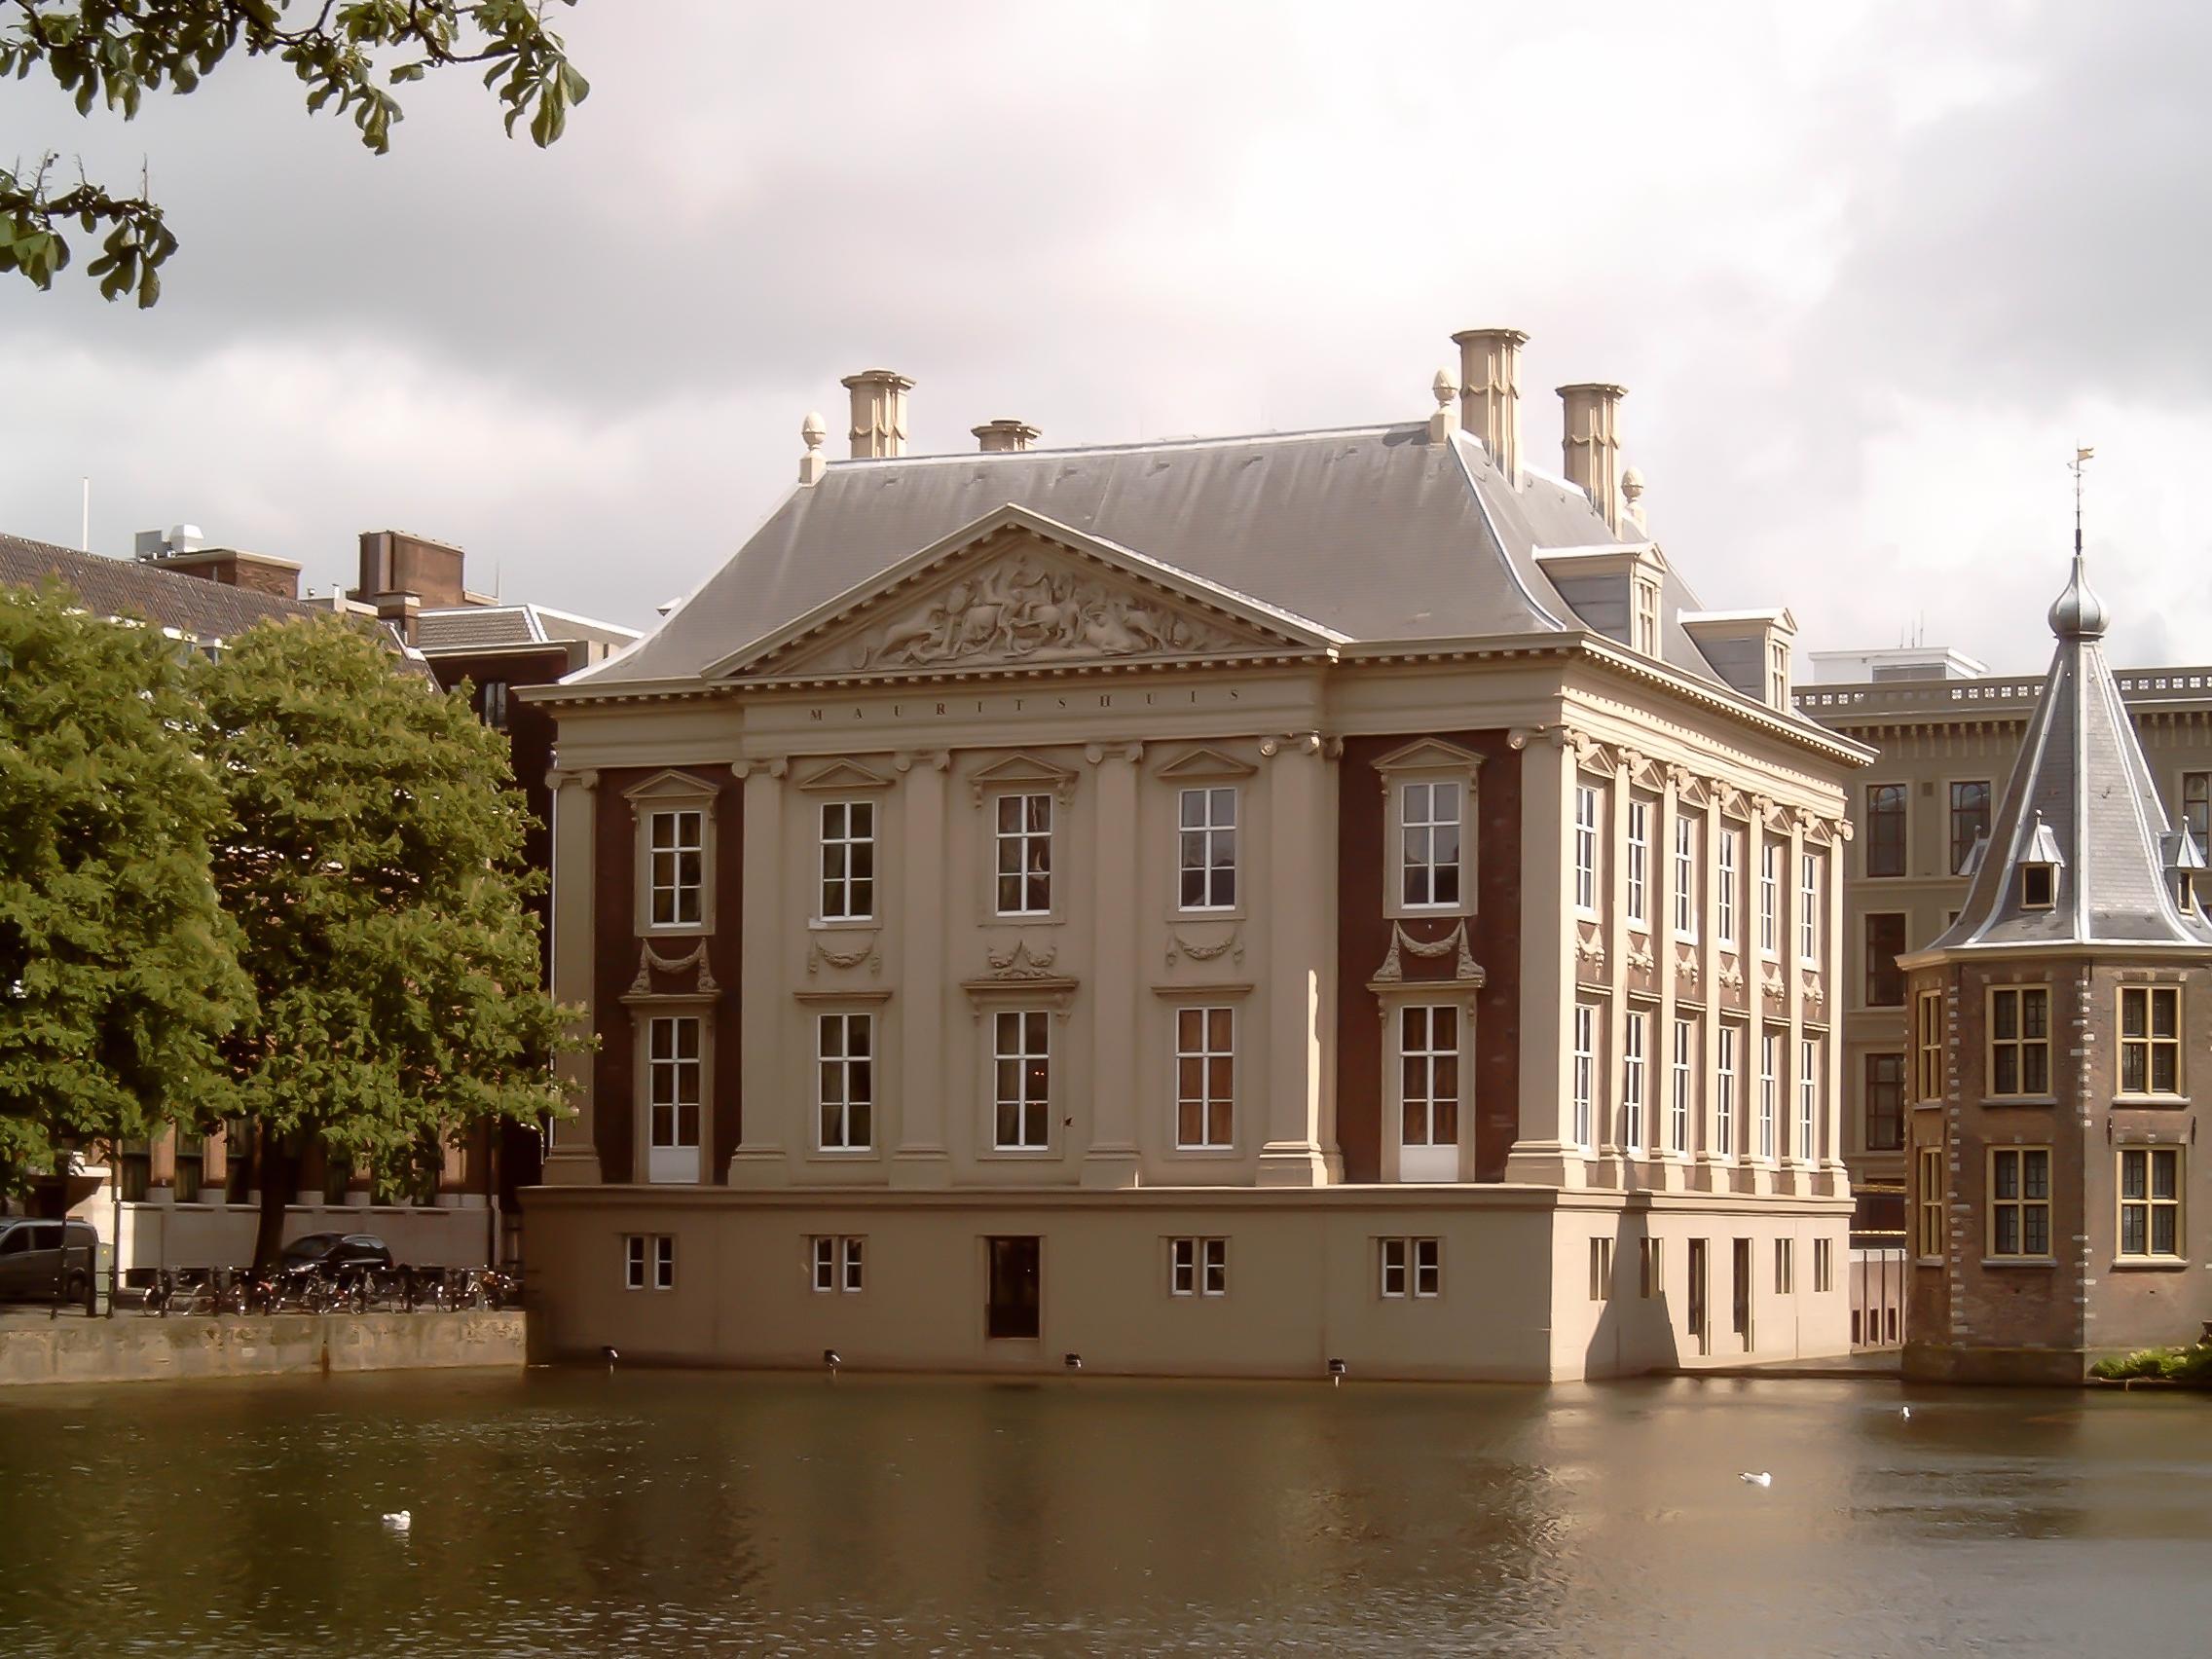 Louwman Müzesi